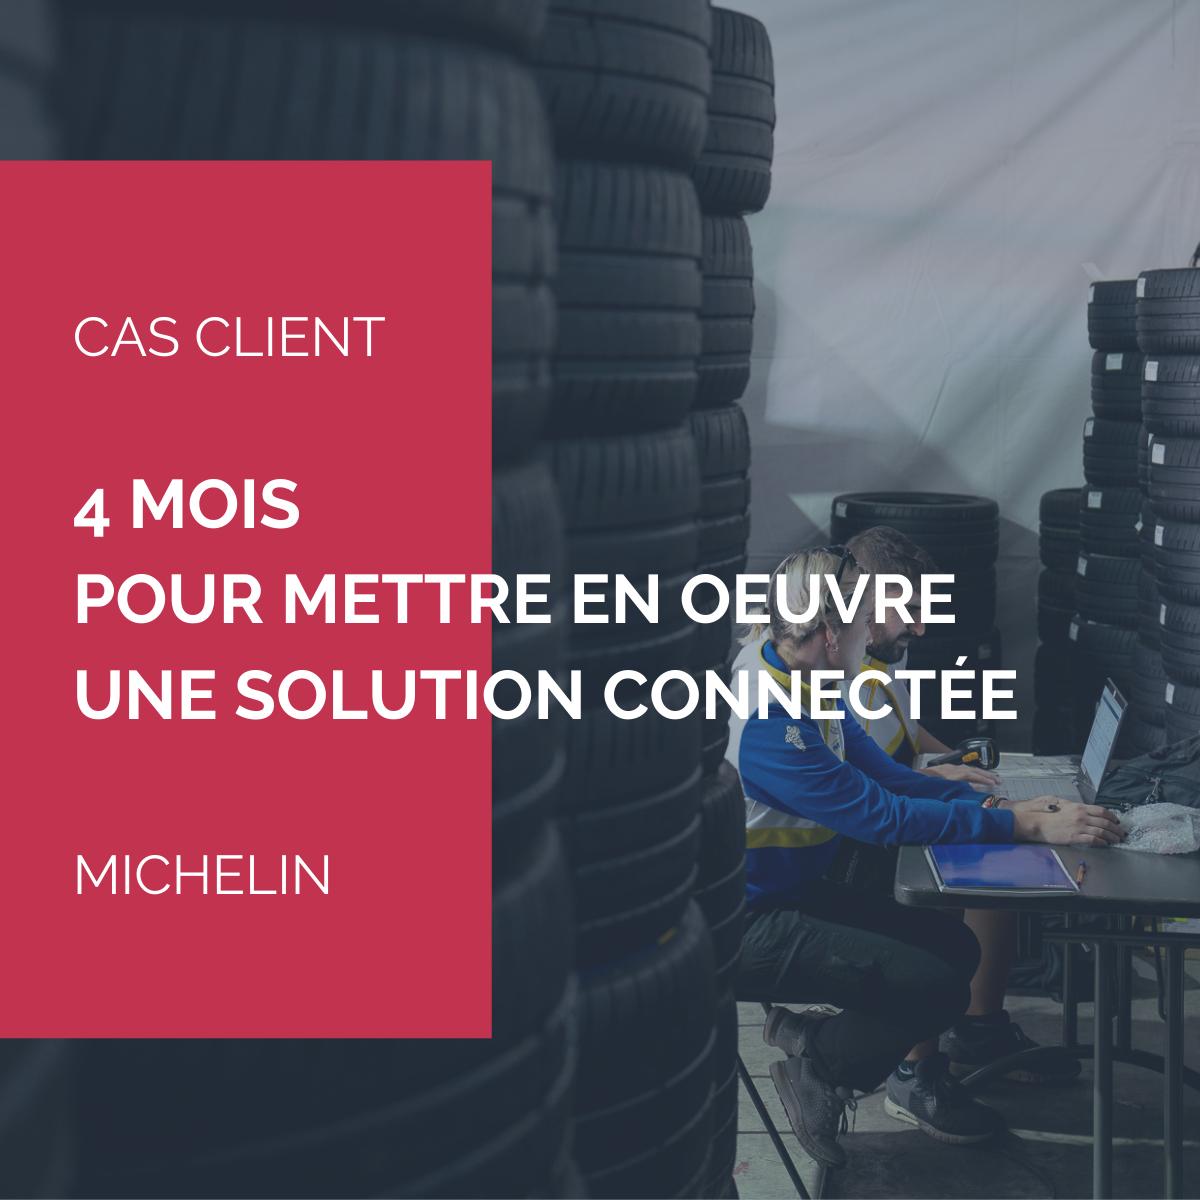 CAS CLIENT Michelin 2